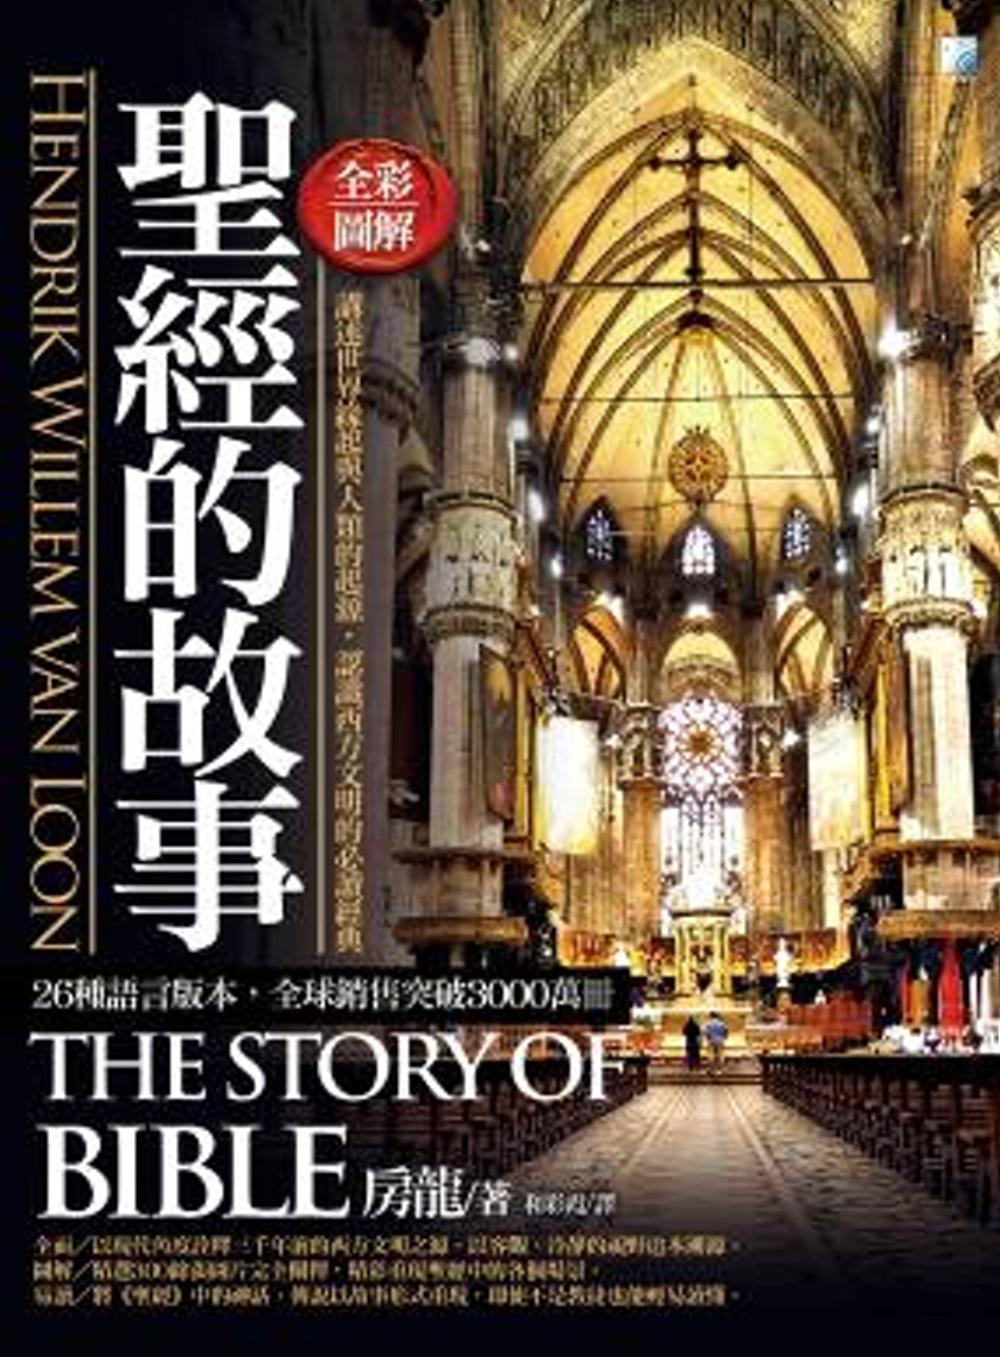 圖解:聖經的故事(2版)